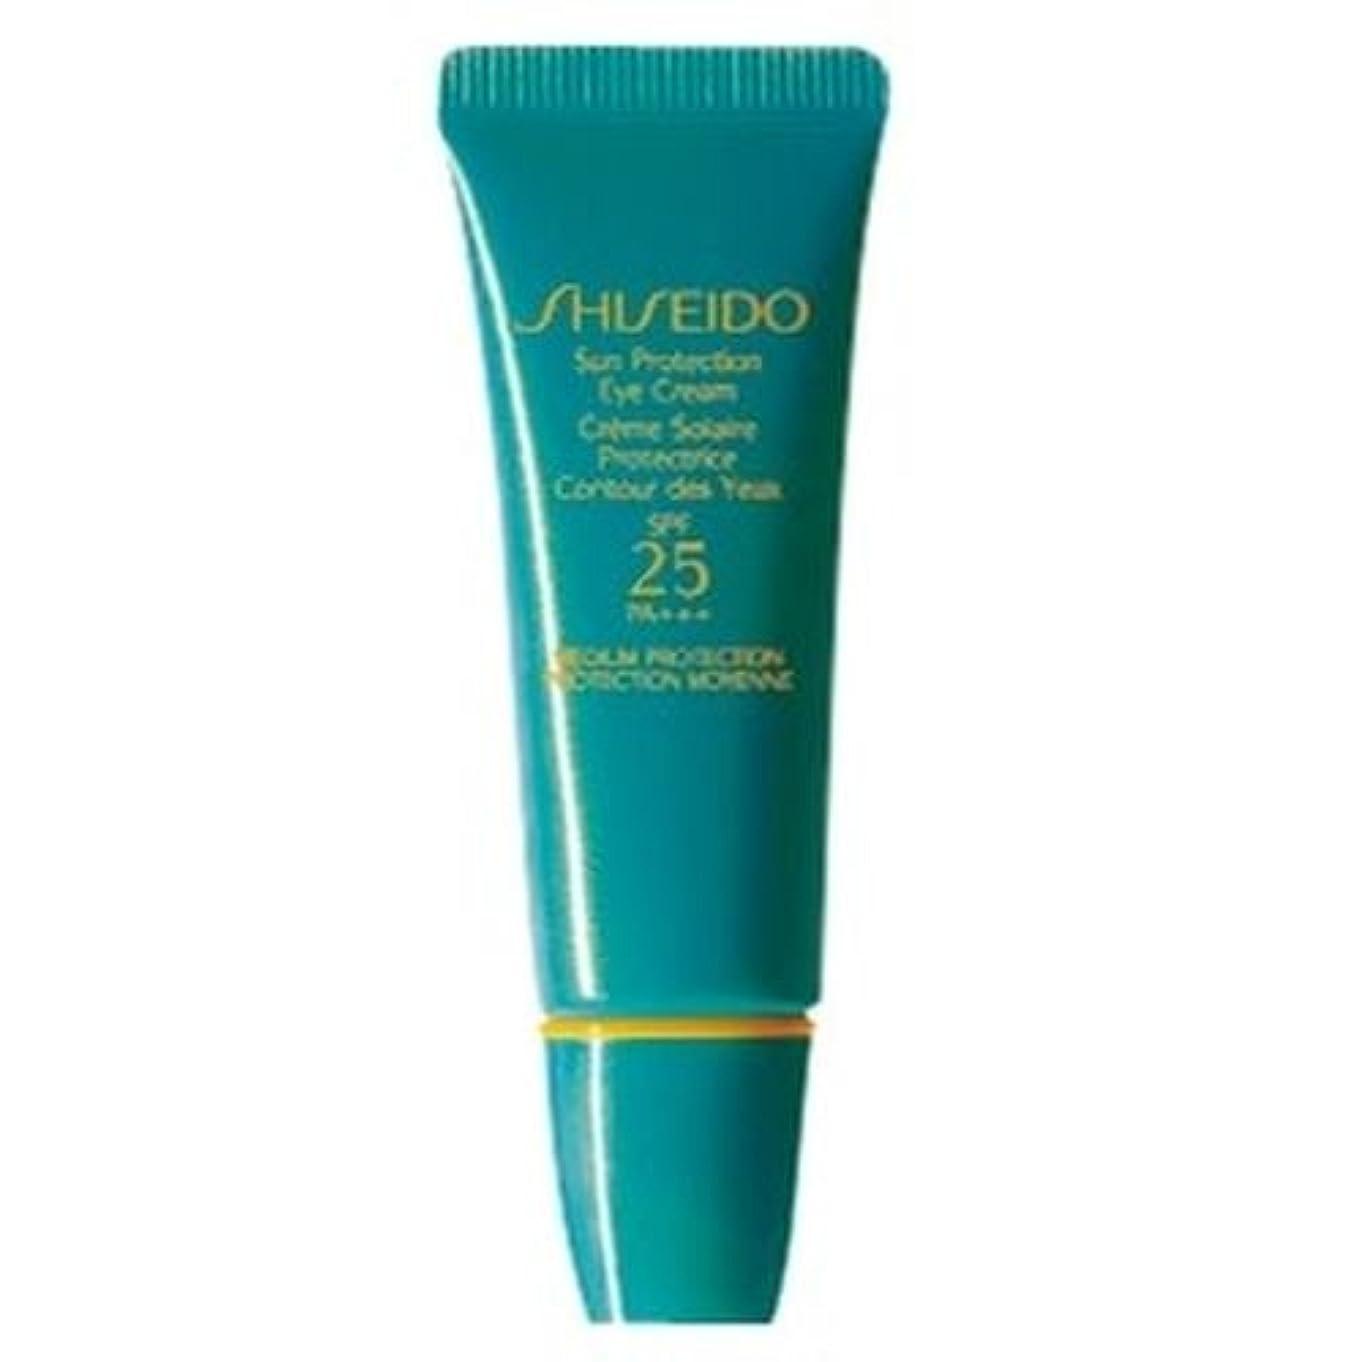 外部手書き迷路[Shiseido] 資生堂サンプロテクションアイクリーム15ミリリットル - Shiseido Sun Protection Eye Cream 15ml [並行輸入品]